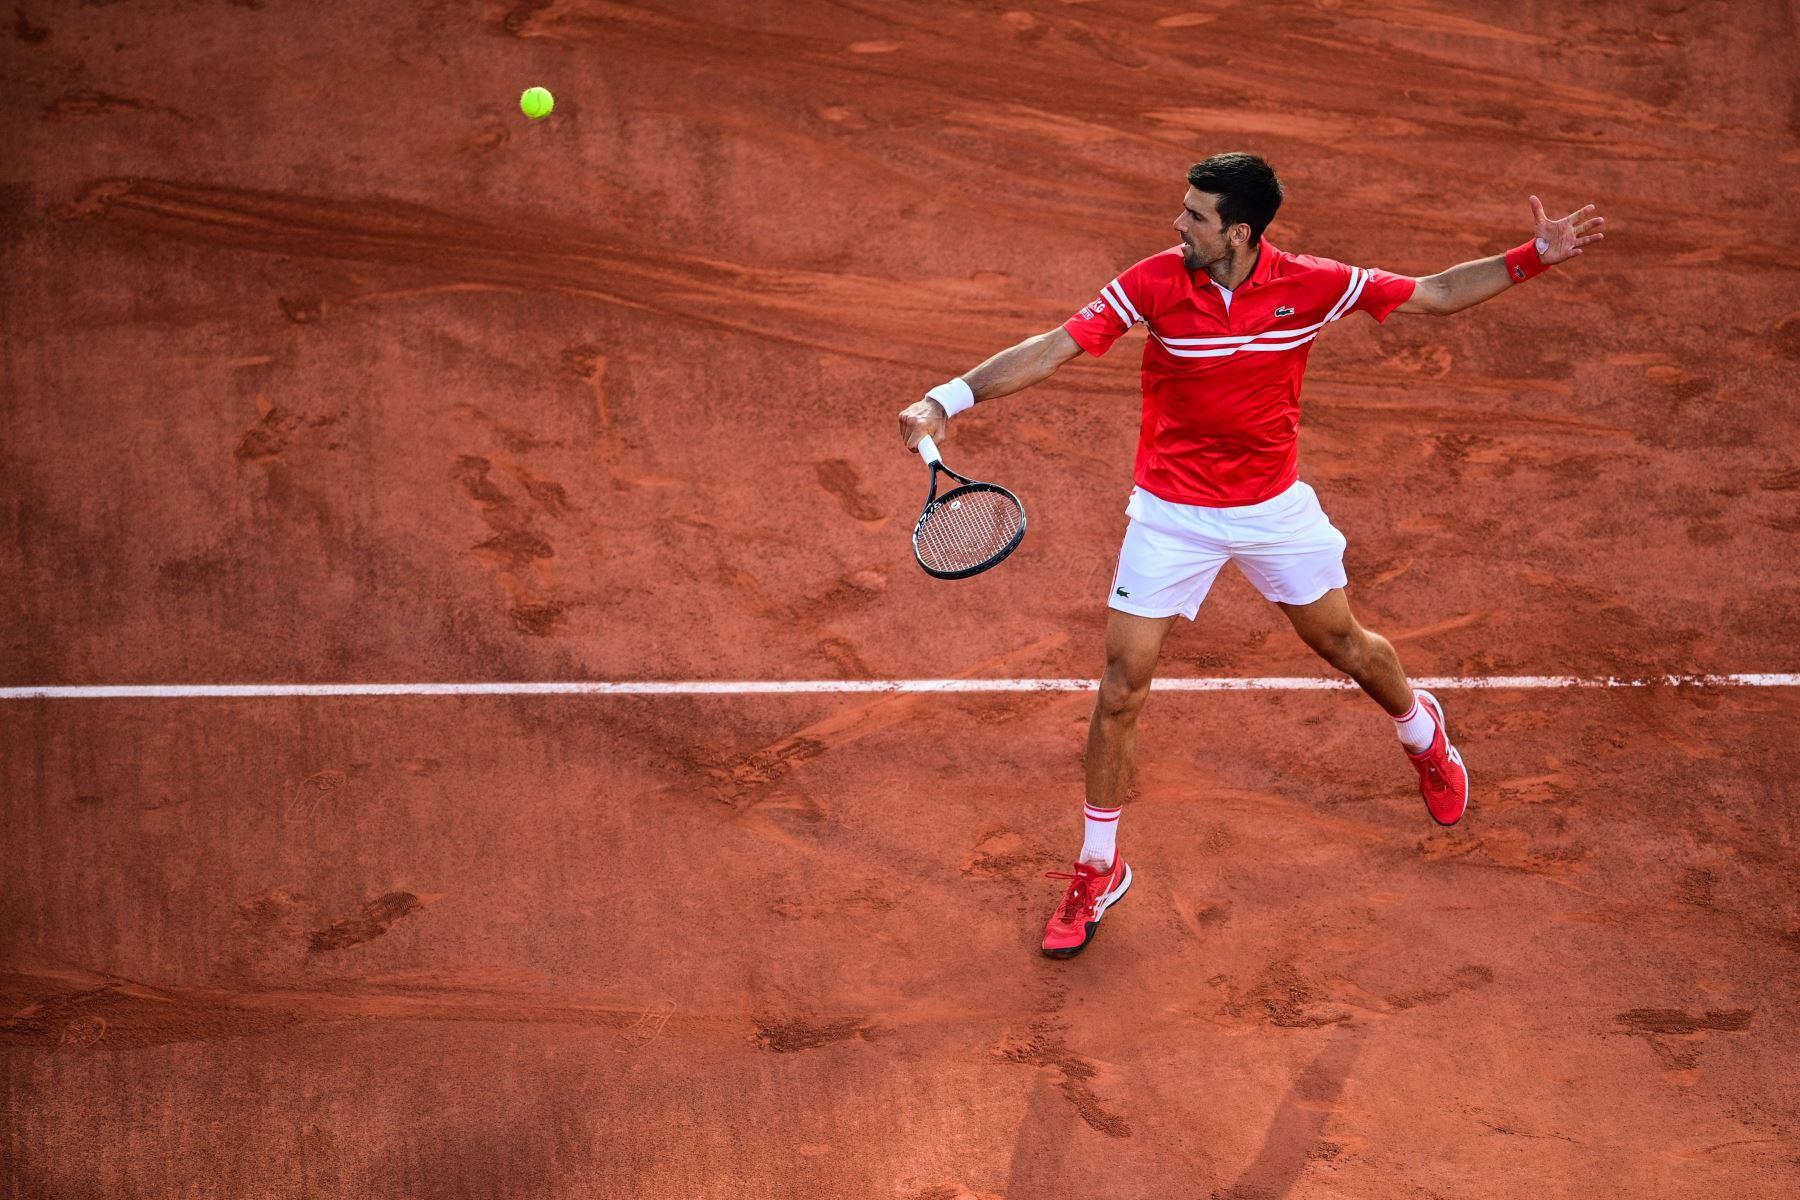 El serbio Novak Djokovic devuelve el balón al griego Stefanos Tsitsipas durante su último partido de tenis masculino el día 15 del torneo de tenis Roland Garros 2021 del Abierto de Francia en París. Foto: AFP